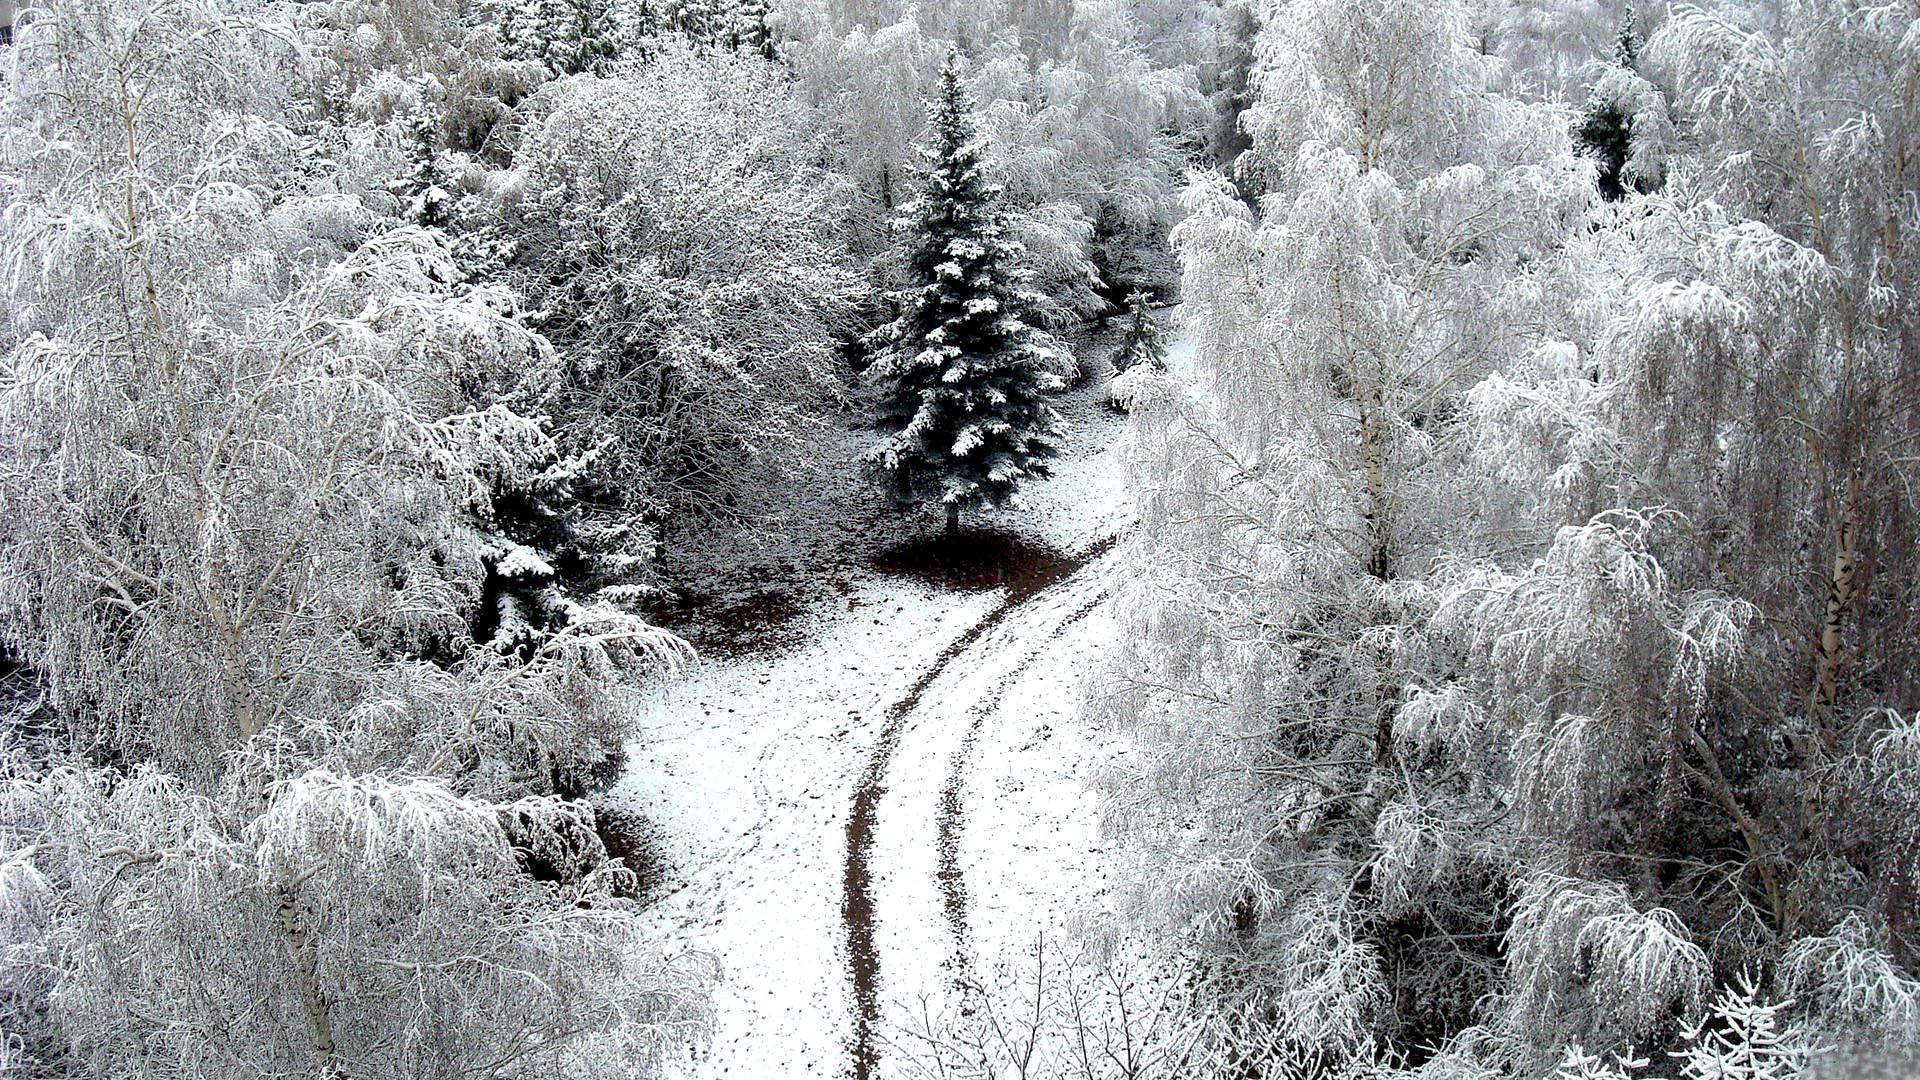 84793 Заставки и Обои Зима на телефон. Скачать Природа, Зима, Дорога, Снег, Иней, Деревья, Сверху, Заморозки картинки бесплатно